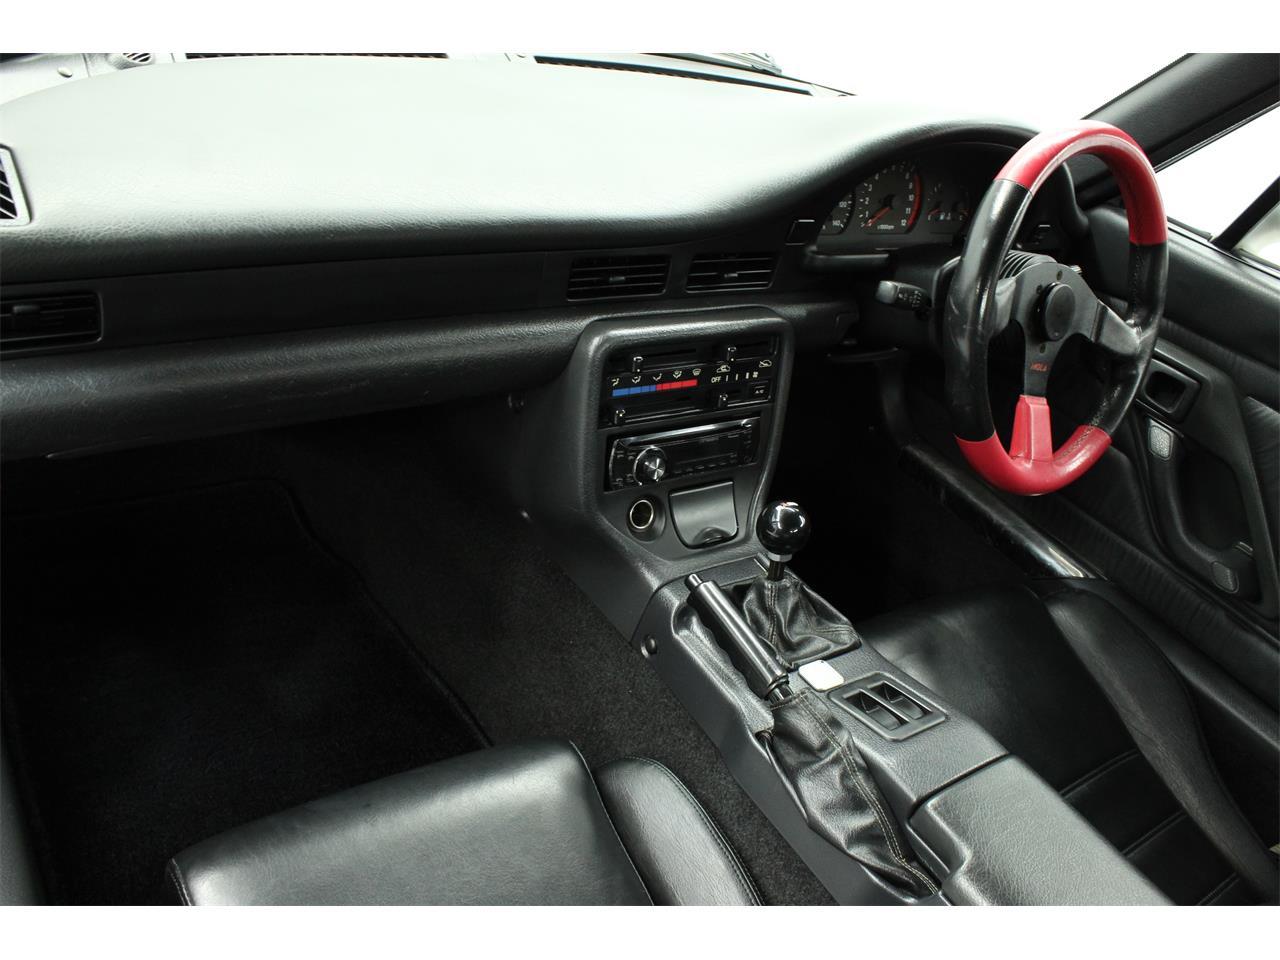 1991 Suzuki Cappuccino (CC-1334037) for sale in Christiansburg, Virginia